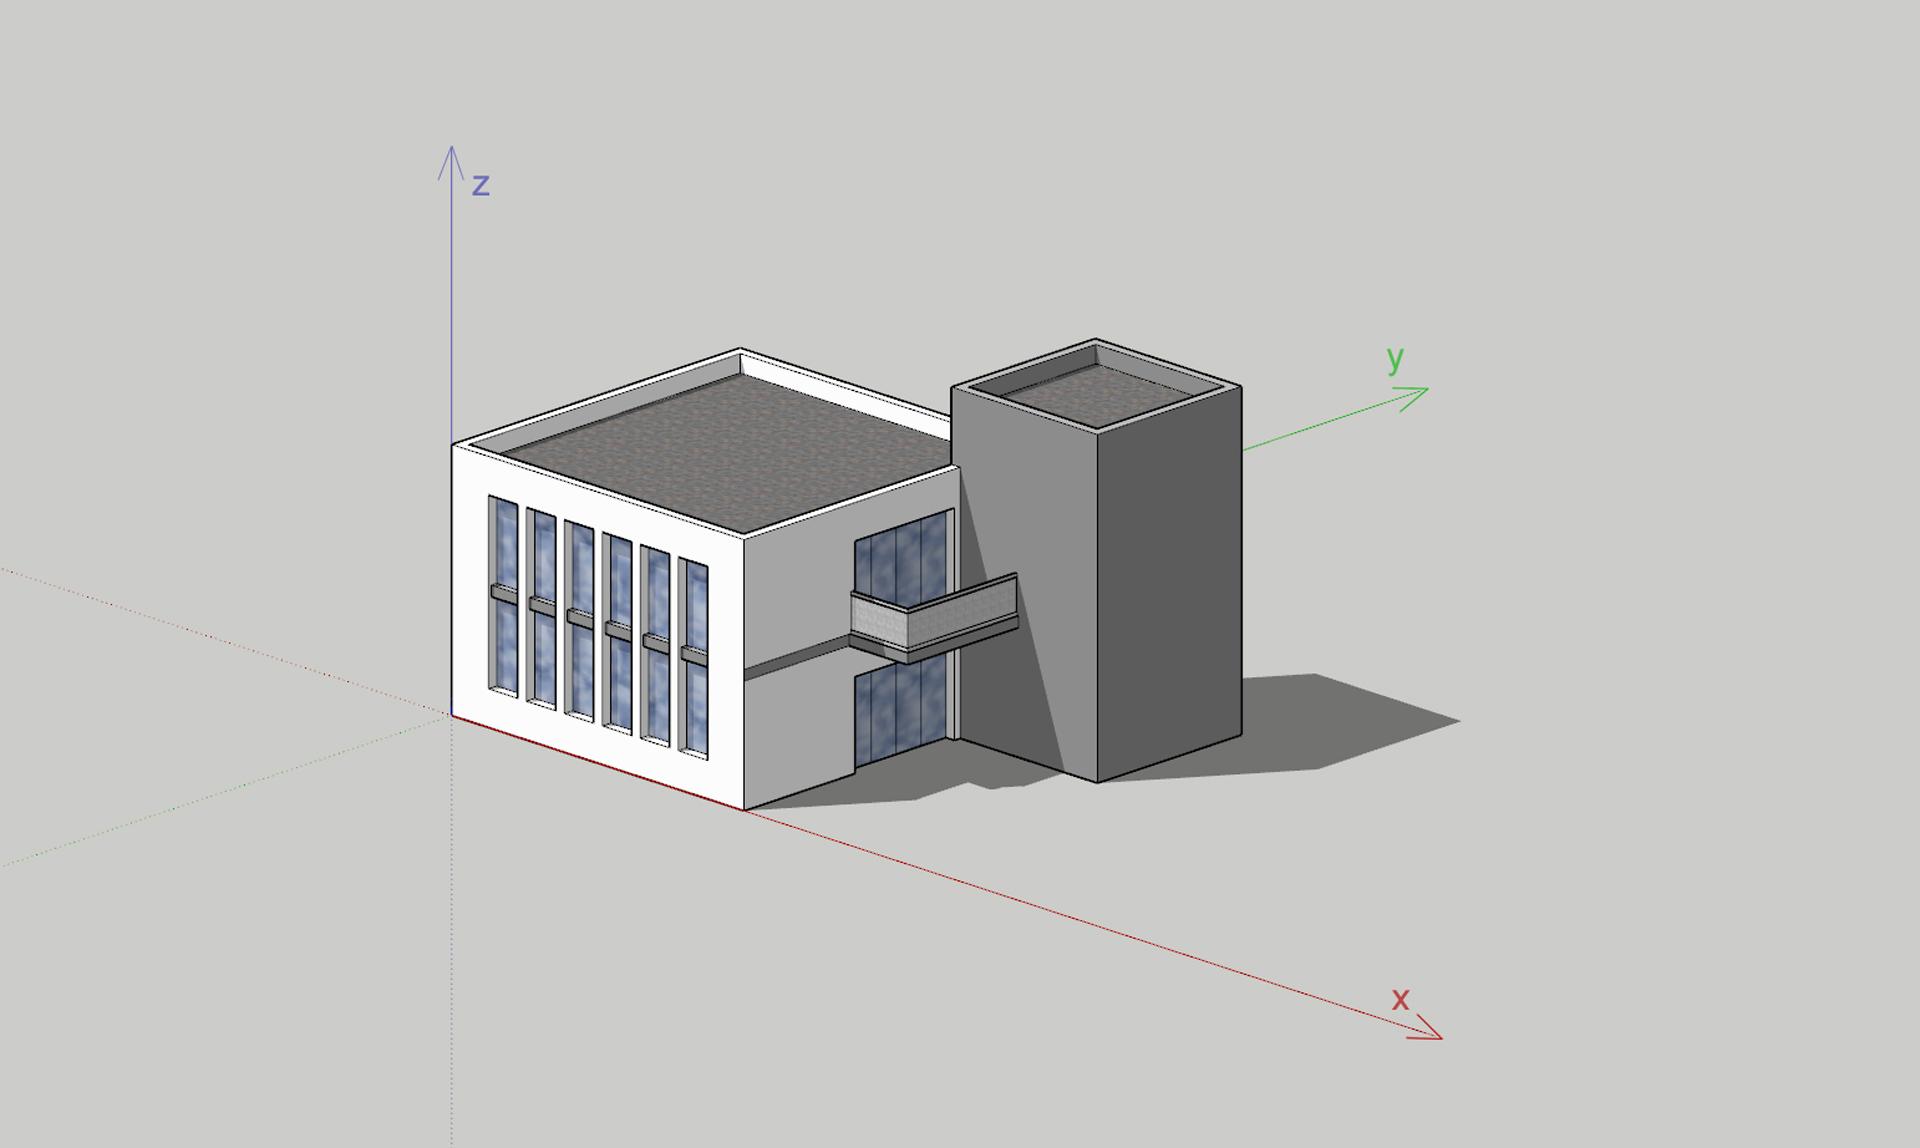 Ilustracja przedstawia komputerowy rysunek przestrzenny, wykonany wrzutach aksonometrycznych, ukazujący budynek złożony zdwóch brył prostopadłościanów. Rysunek został wykonany na podstawie kierunków, wytyczonych przez osie współrzędne. Po lewej znajduje się biały budynek zwysokimi okami ipłaskim, szarym dachem. Do niego przystaje wyższy, szary budynek bez okien.